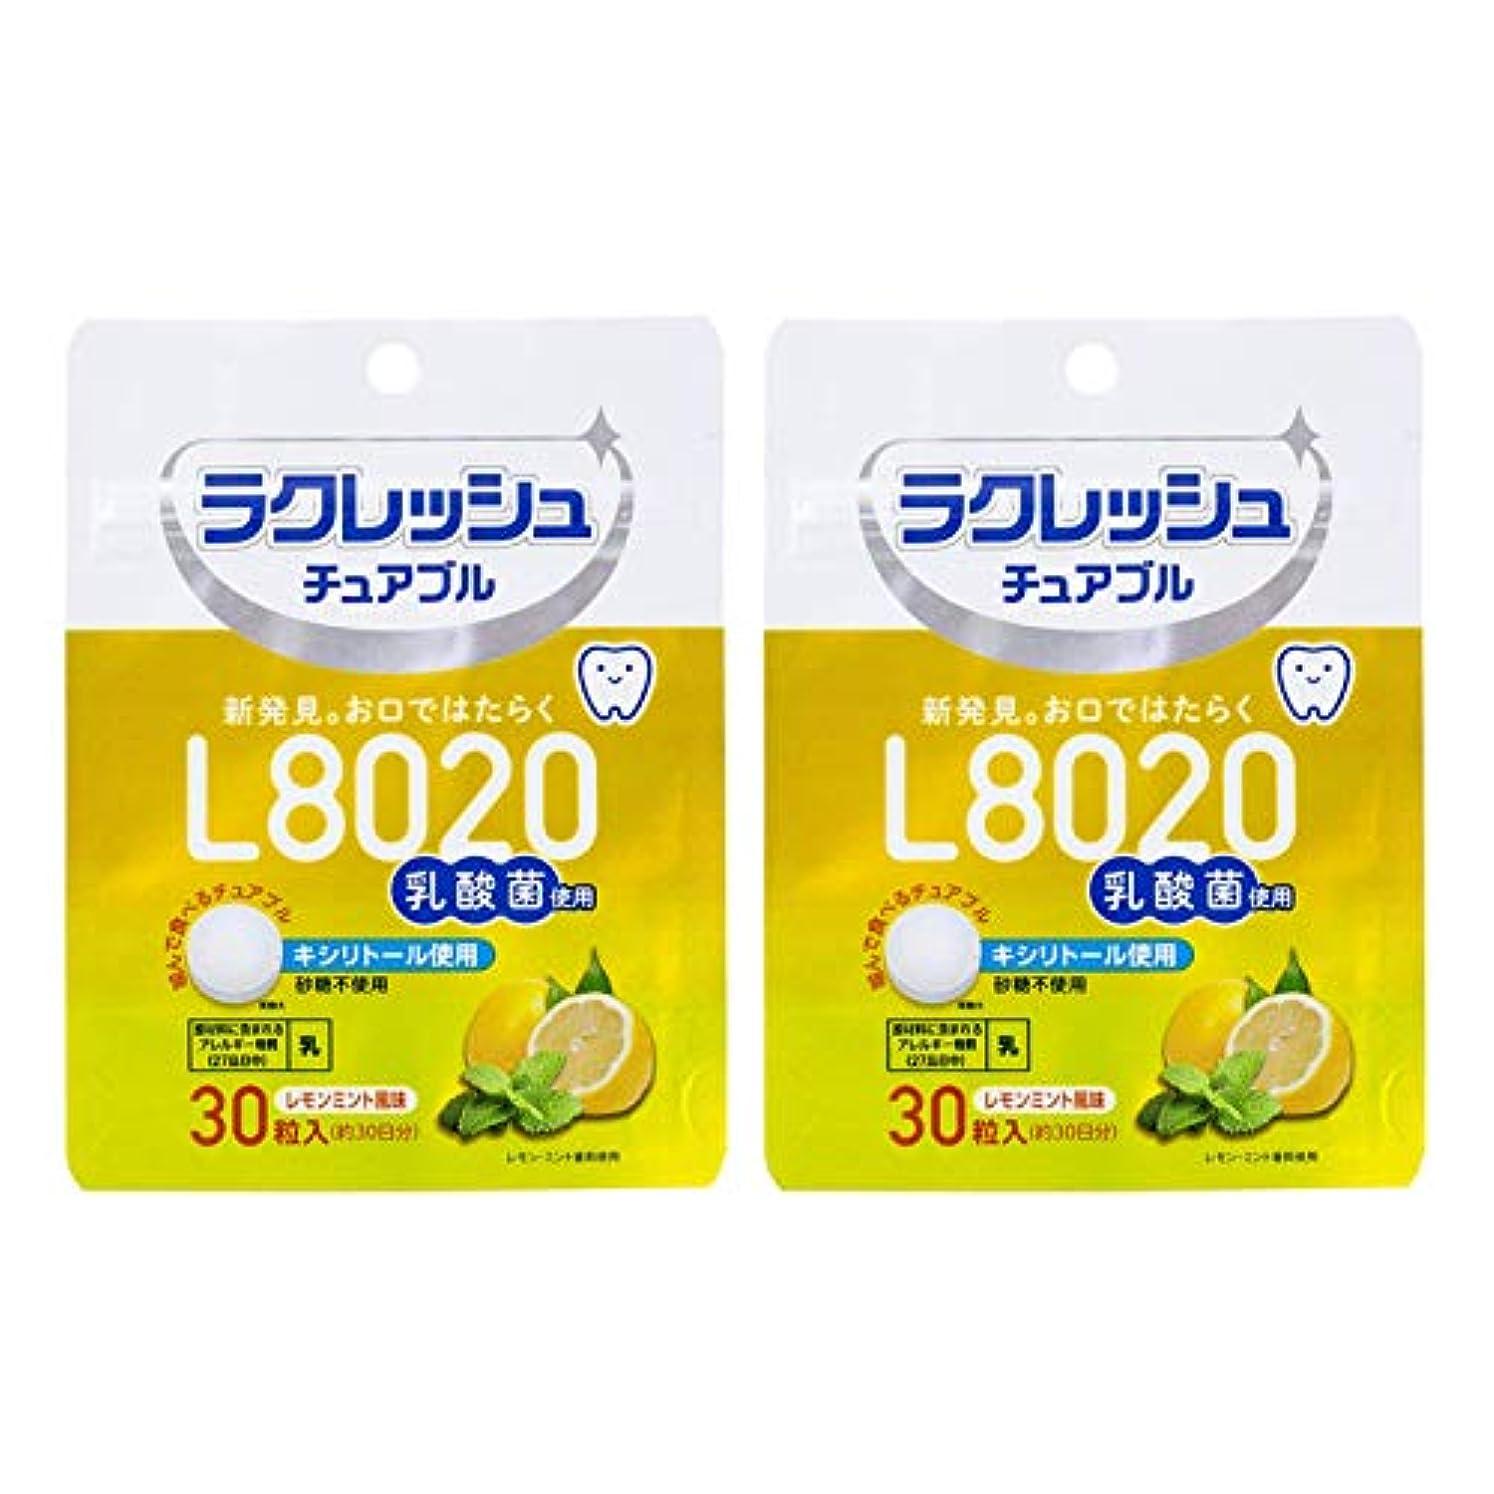 ベイビーしみメイトラクレッシュ L8020 乳酸菌 チュアブル レモンミント風味 オーラルケア 30粒入×2袋